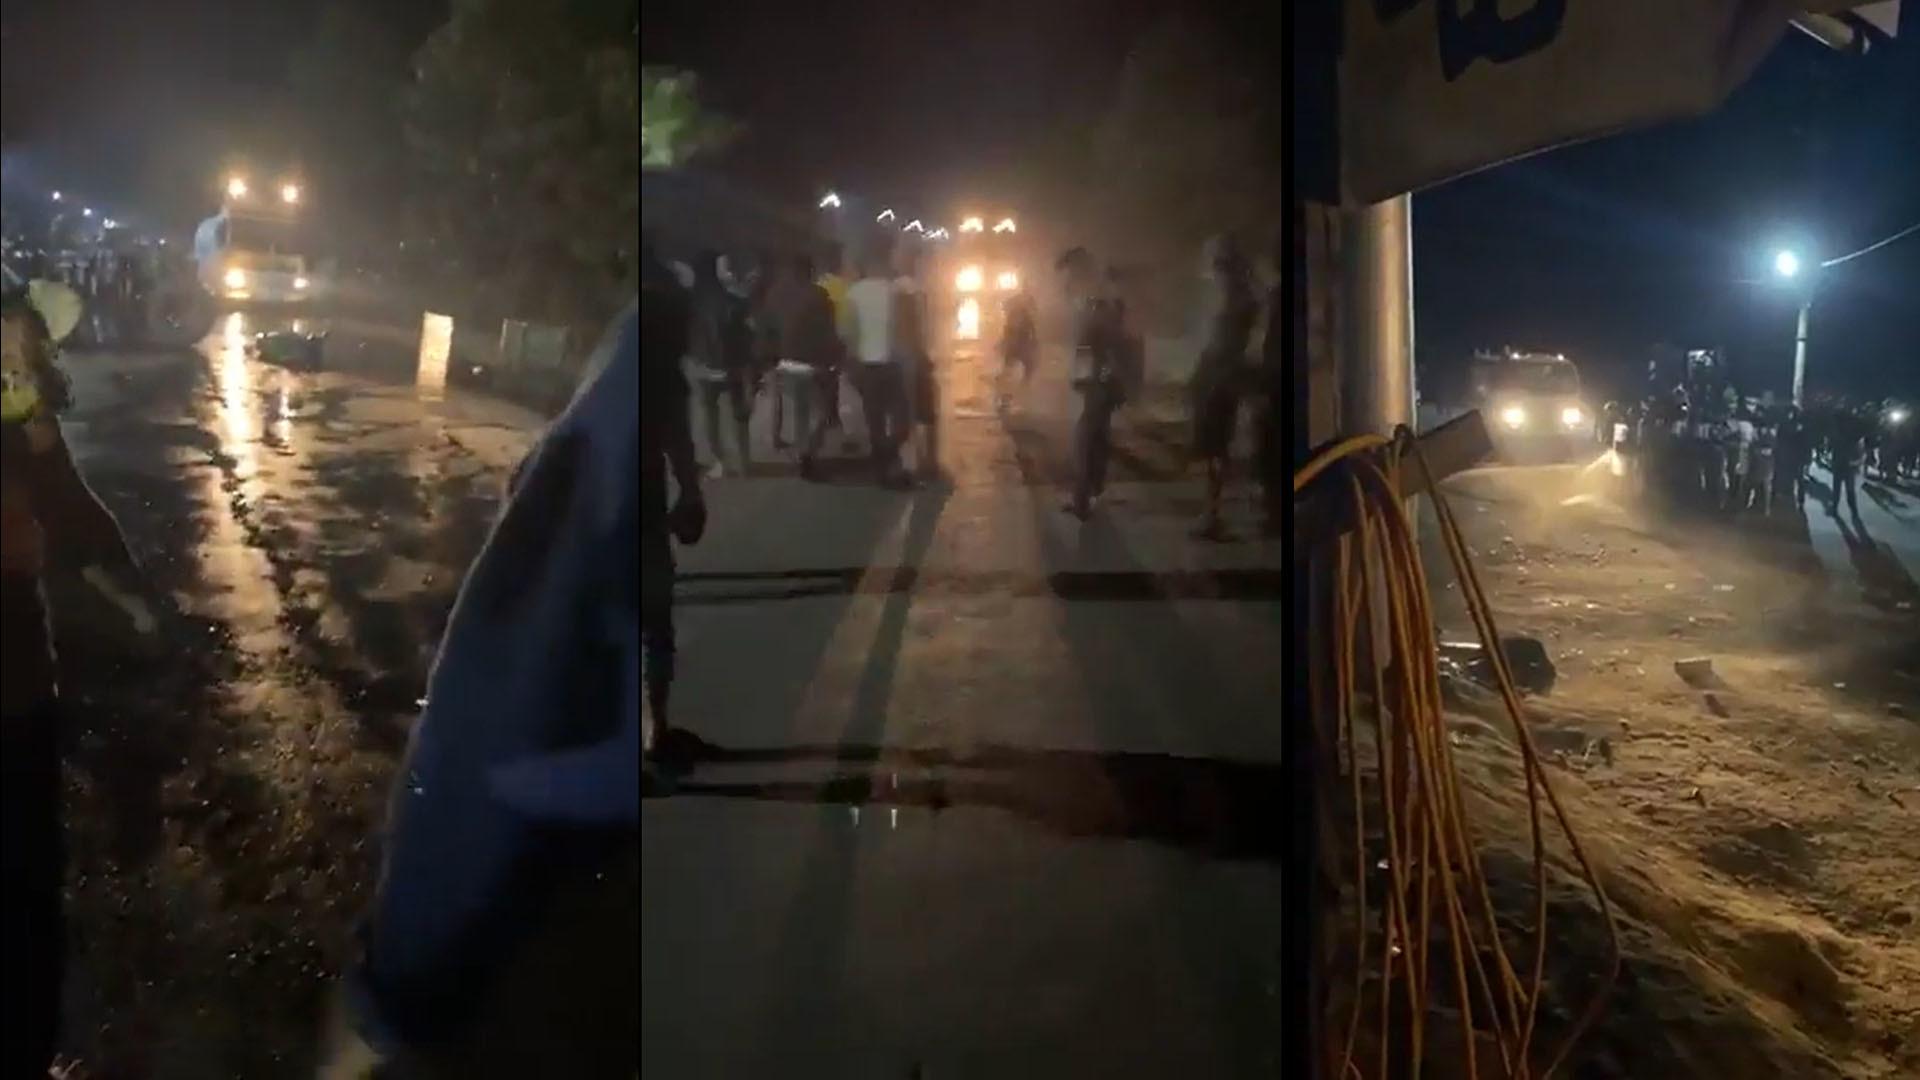 ผู้ชุมนุมประท้วงเจ้าหน้าที่ทหารและตำรวจพม่าเคลื่อนกำลังเข้าโรงไฟฟ้าเมืองมิตจีนา เมืองหลวงรัฐกะฉิ่น เมื่อคืนวันที่ 14 ก.พ. 64(ที่มา: Facebook/มวยโหดมัน)